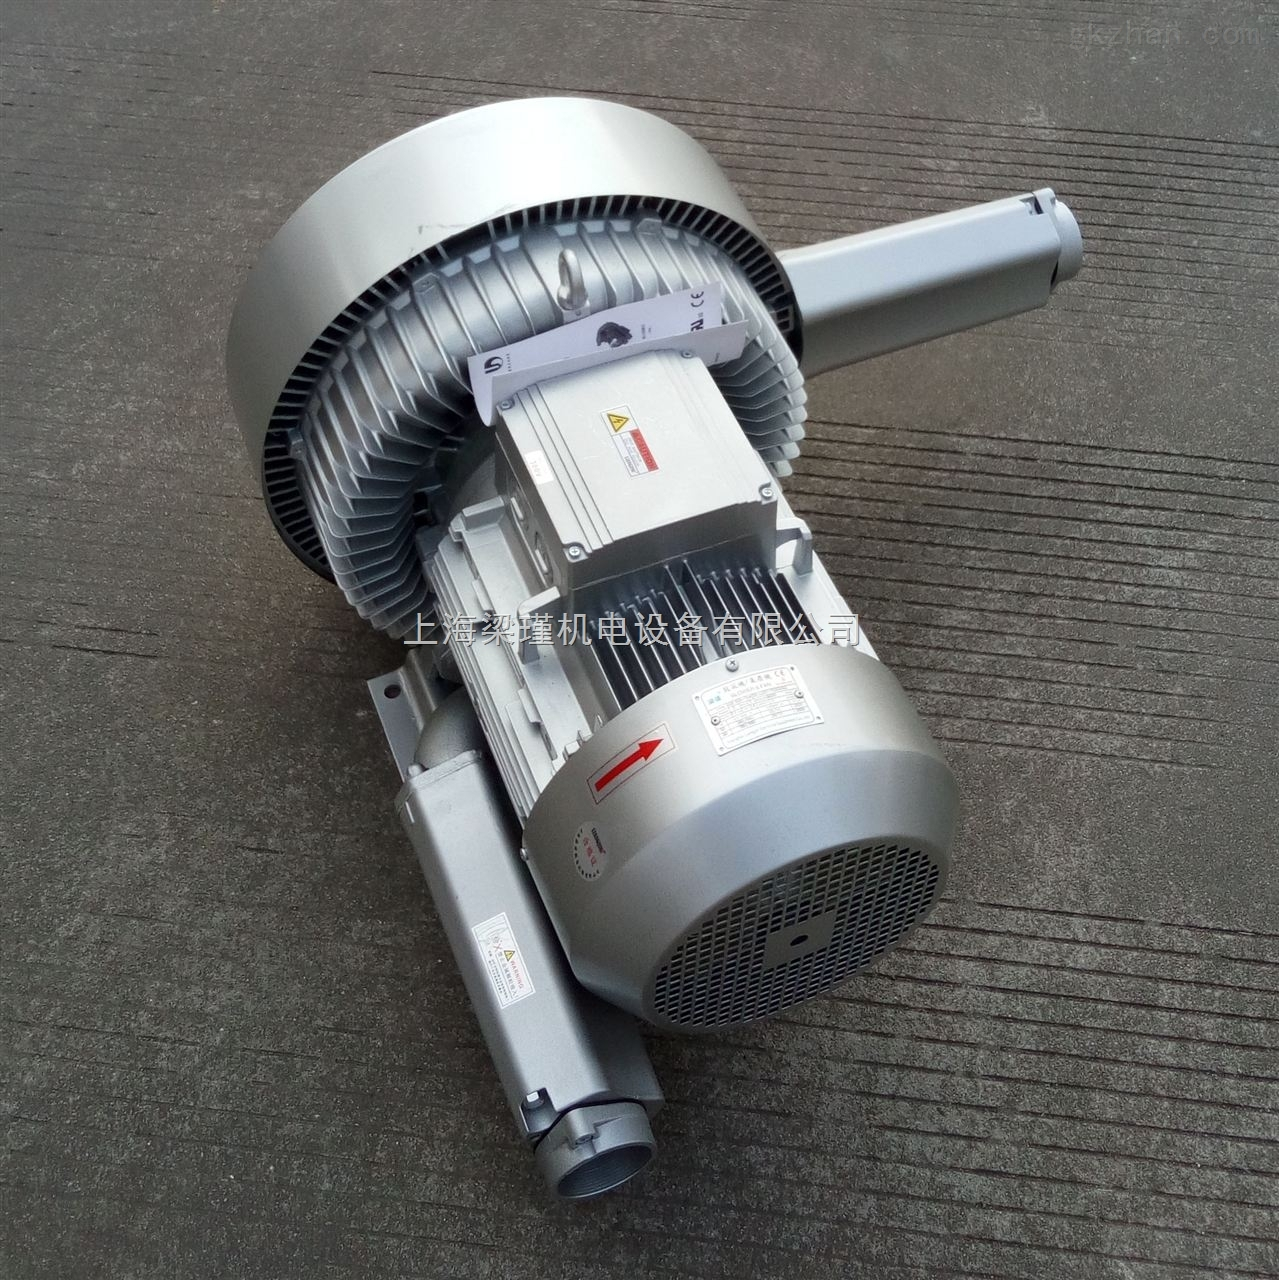 市政污水改造漩涡气泵-高压鼓风机厂家